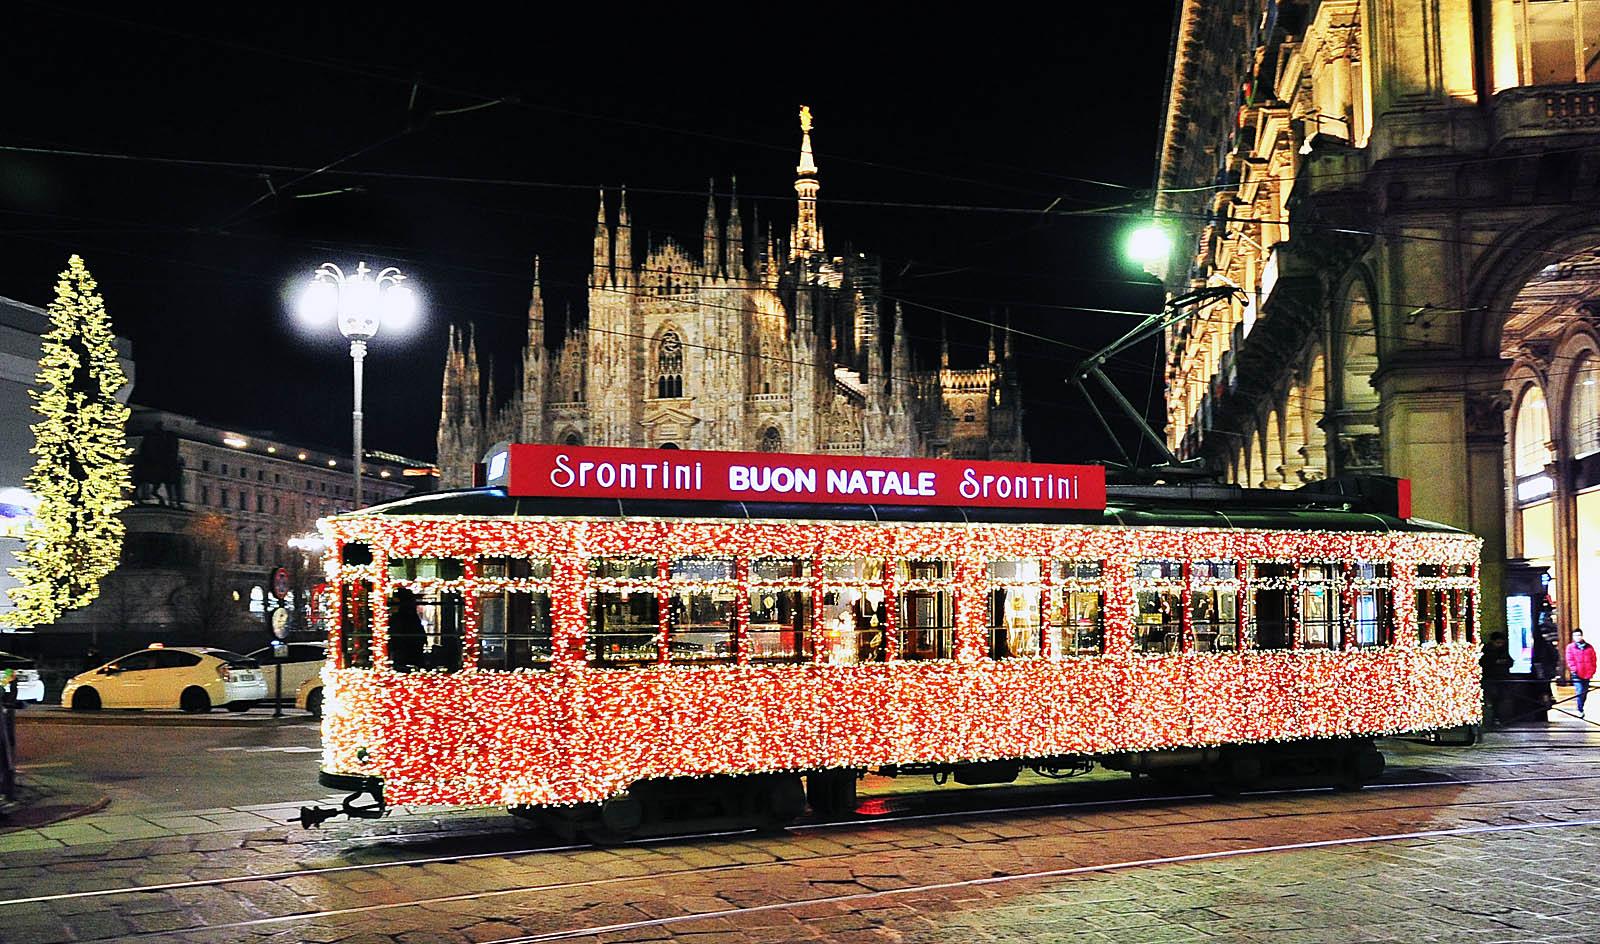 Spontini 05 12 2014 Tram Luci Mi Q25 01 - Что посмотреть в Милане на Новый Год